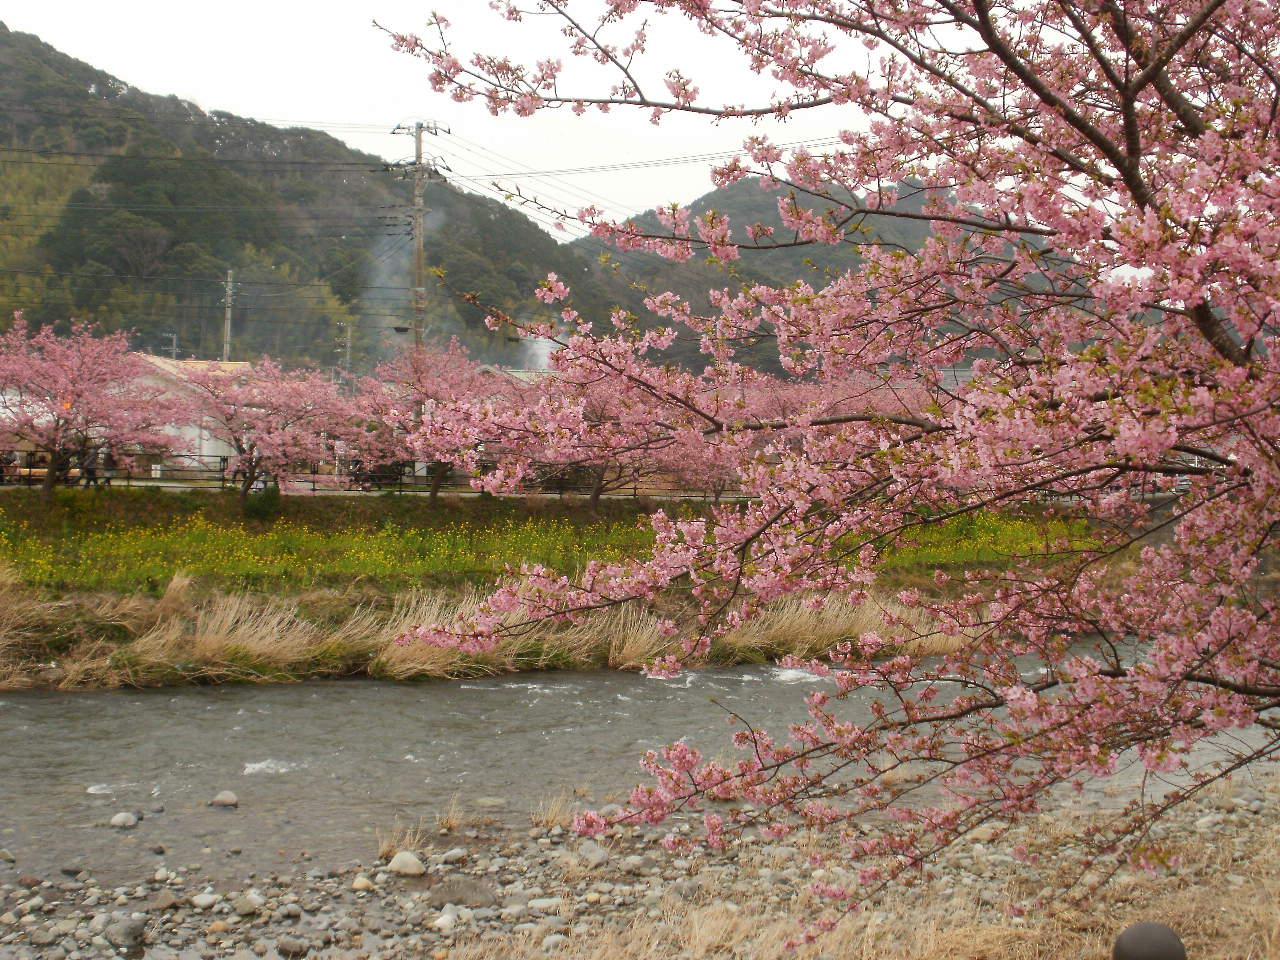 今日は母と一緒に河津桜を堪能しました♪_f0095325_23182090.jpg